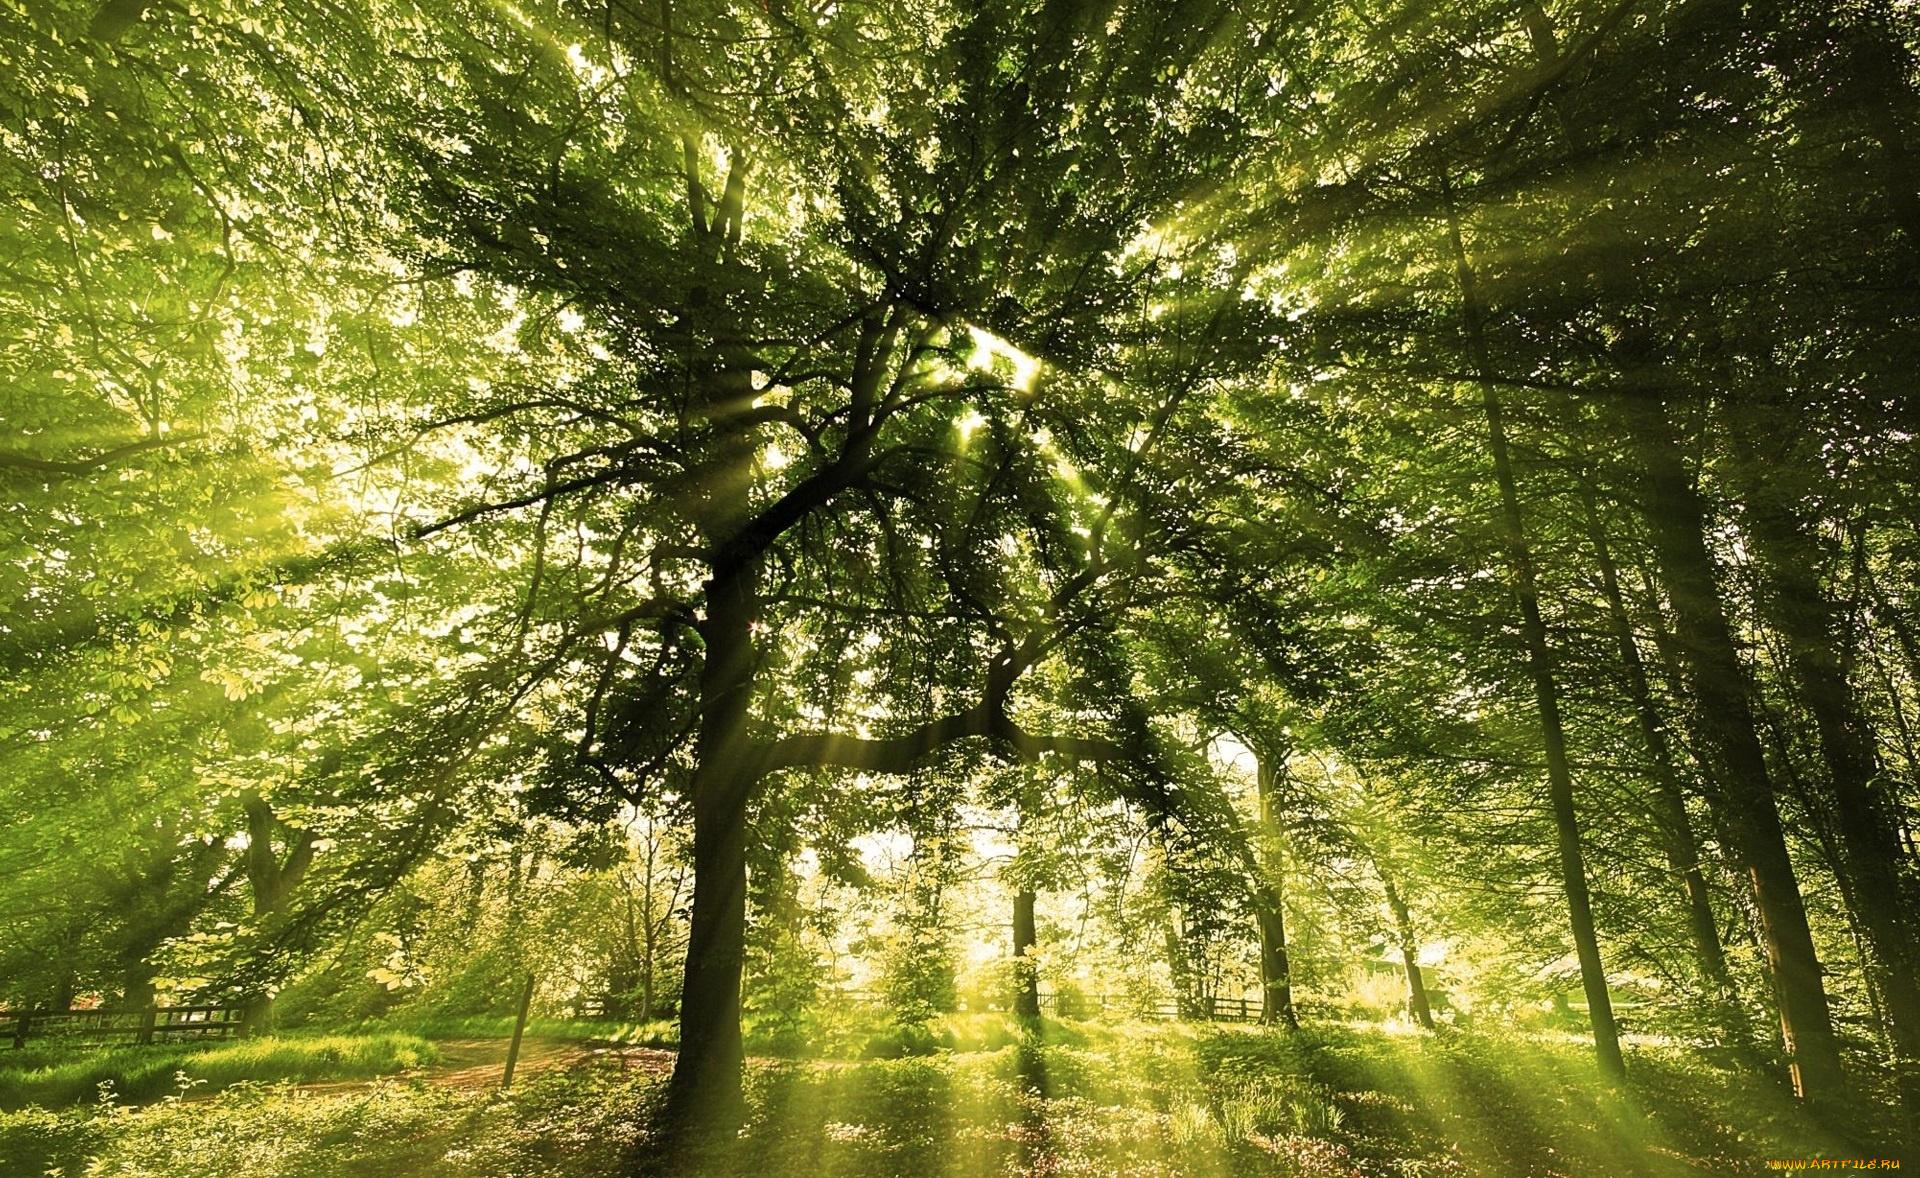 Женщине, картинки лучи солнца сквозь листву